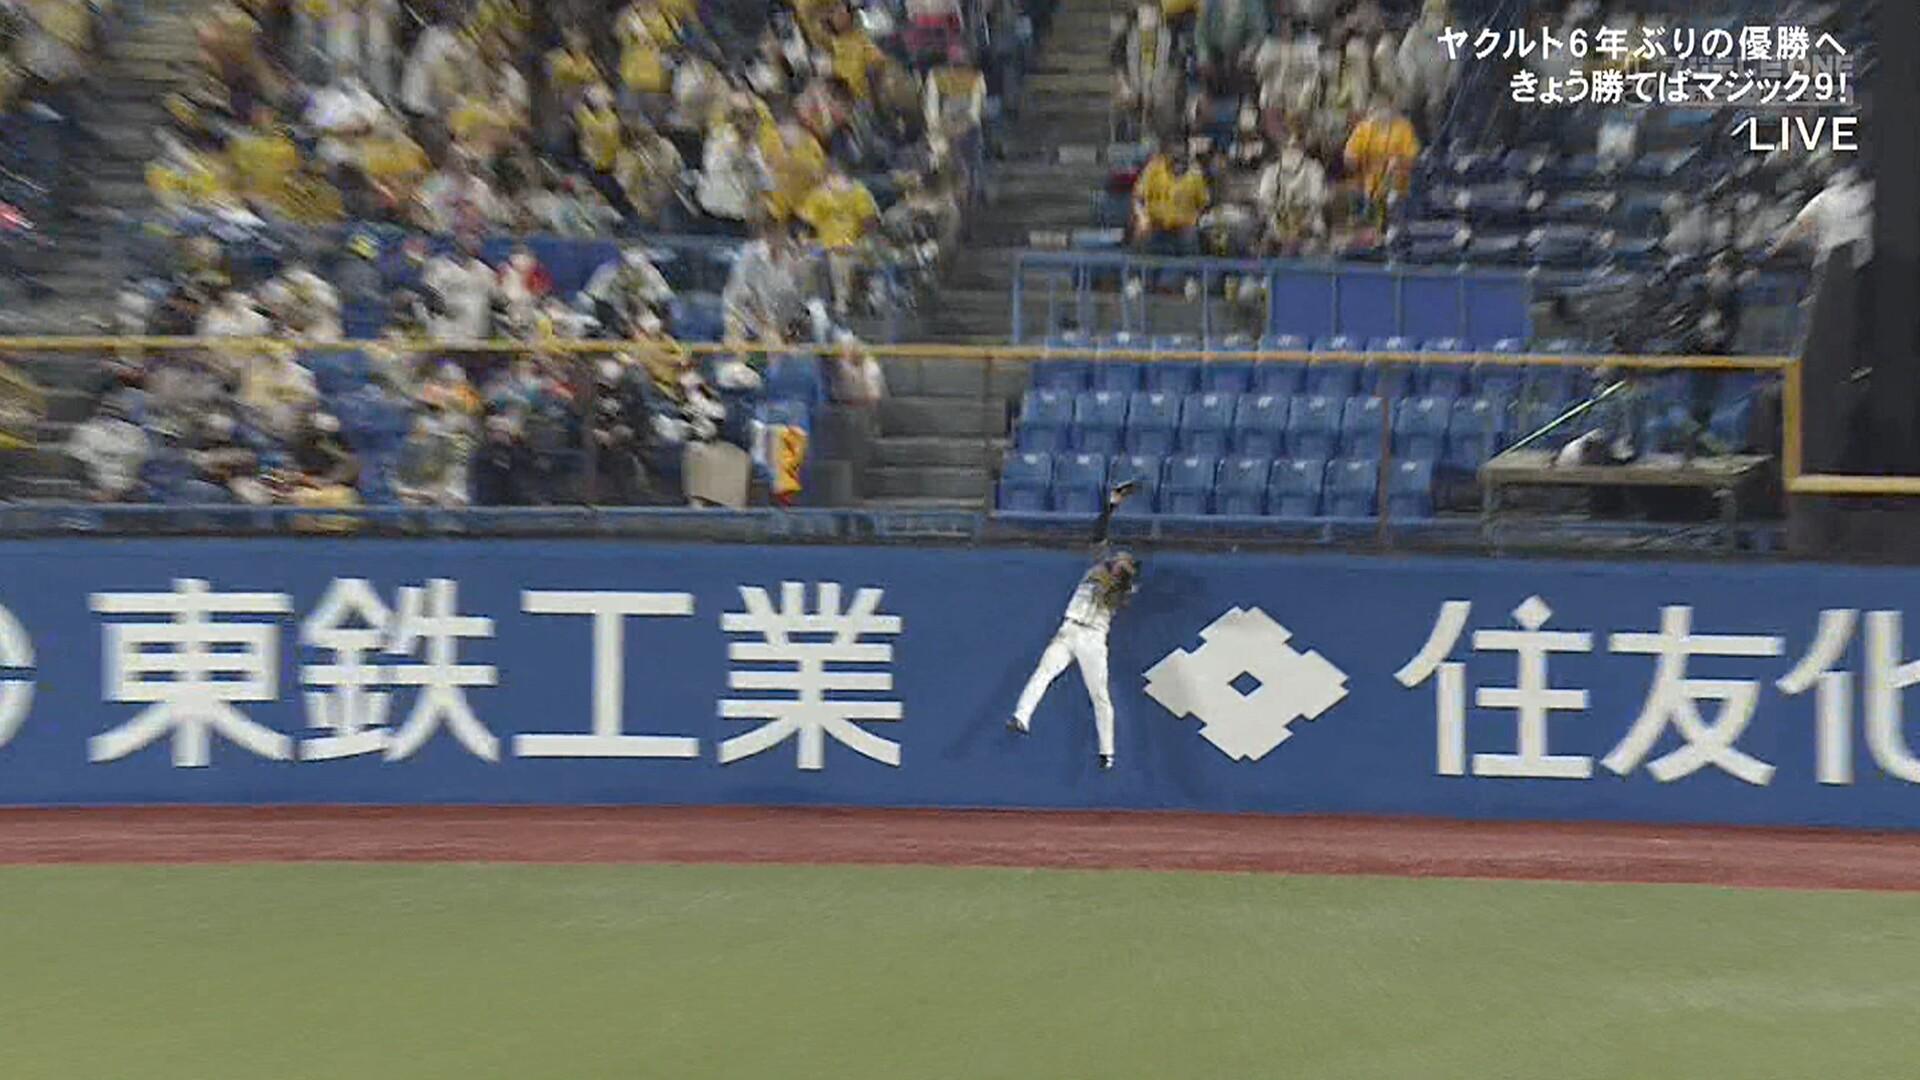 もう負けられない阪神、近本が初回からナイスキャッチ!